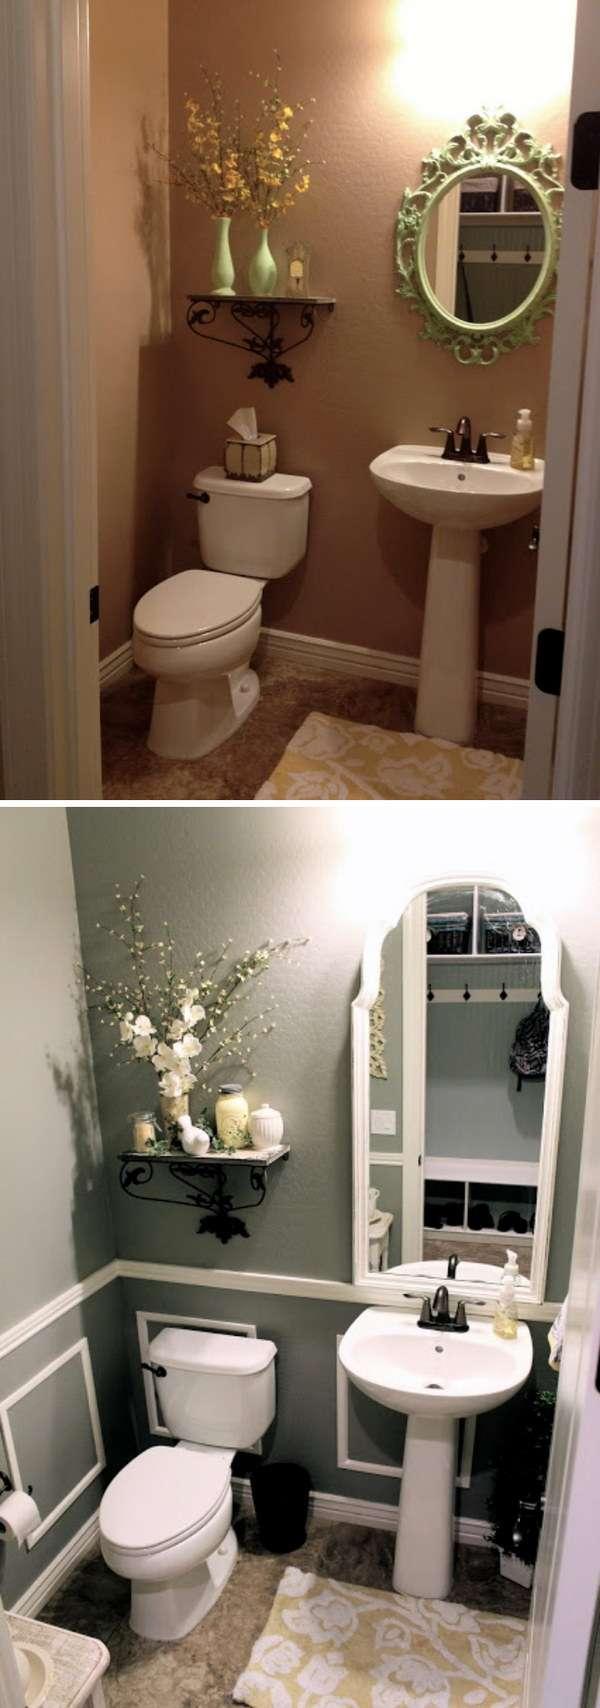 image1-84 | 16 идей преображения старой ванной комнаты